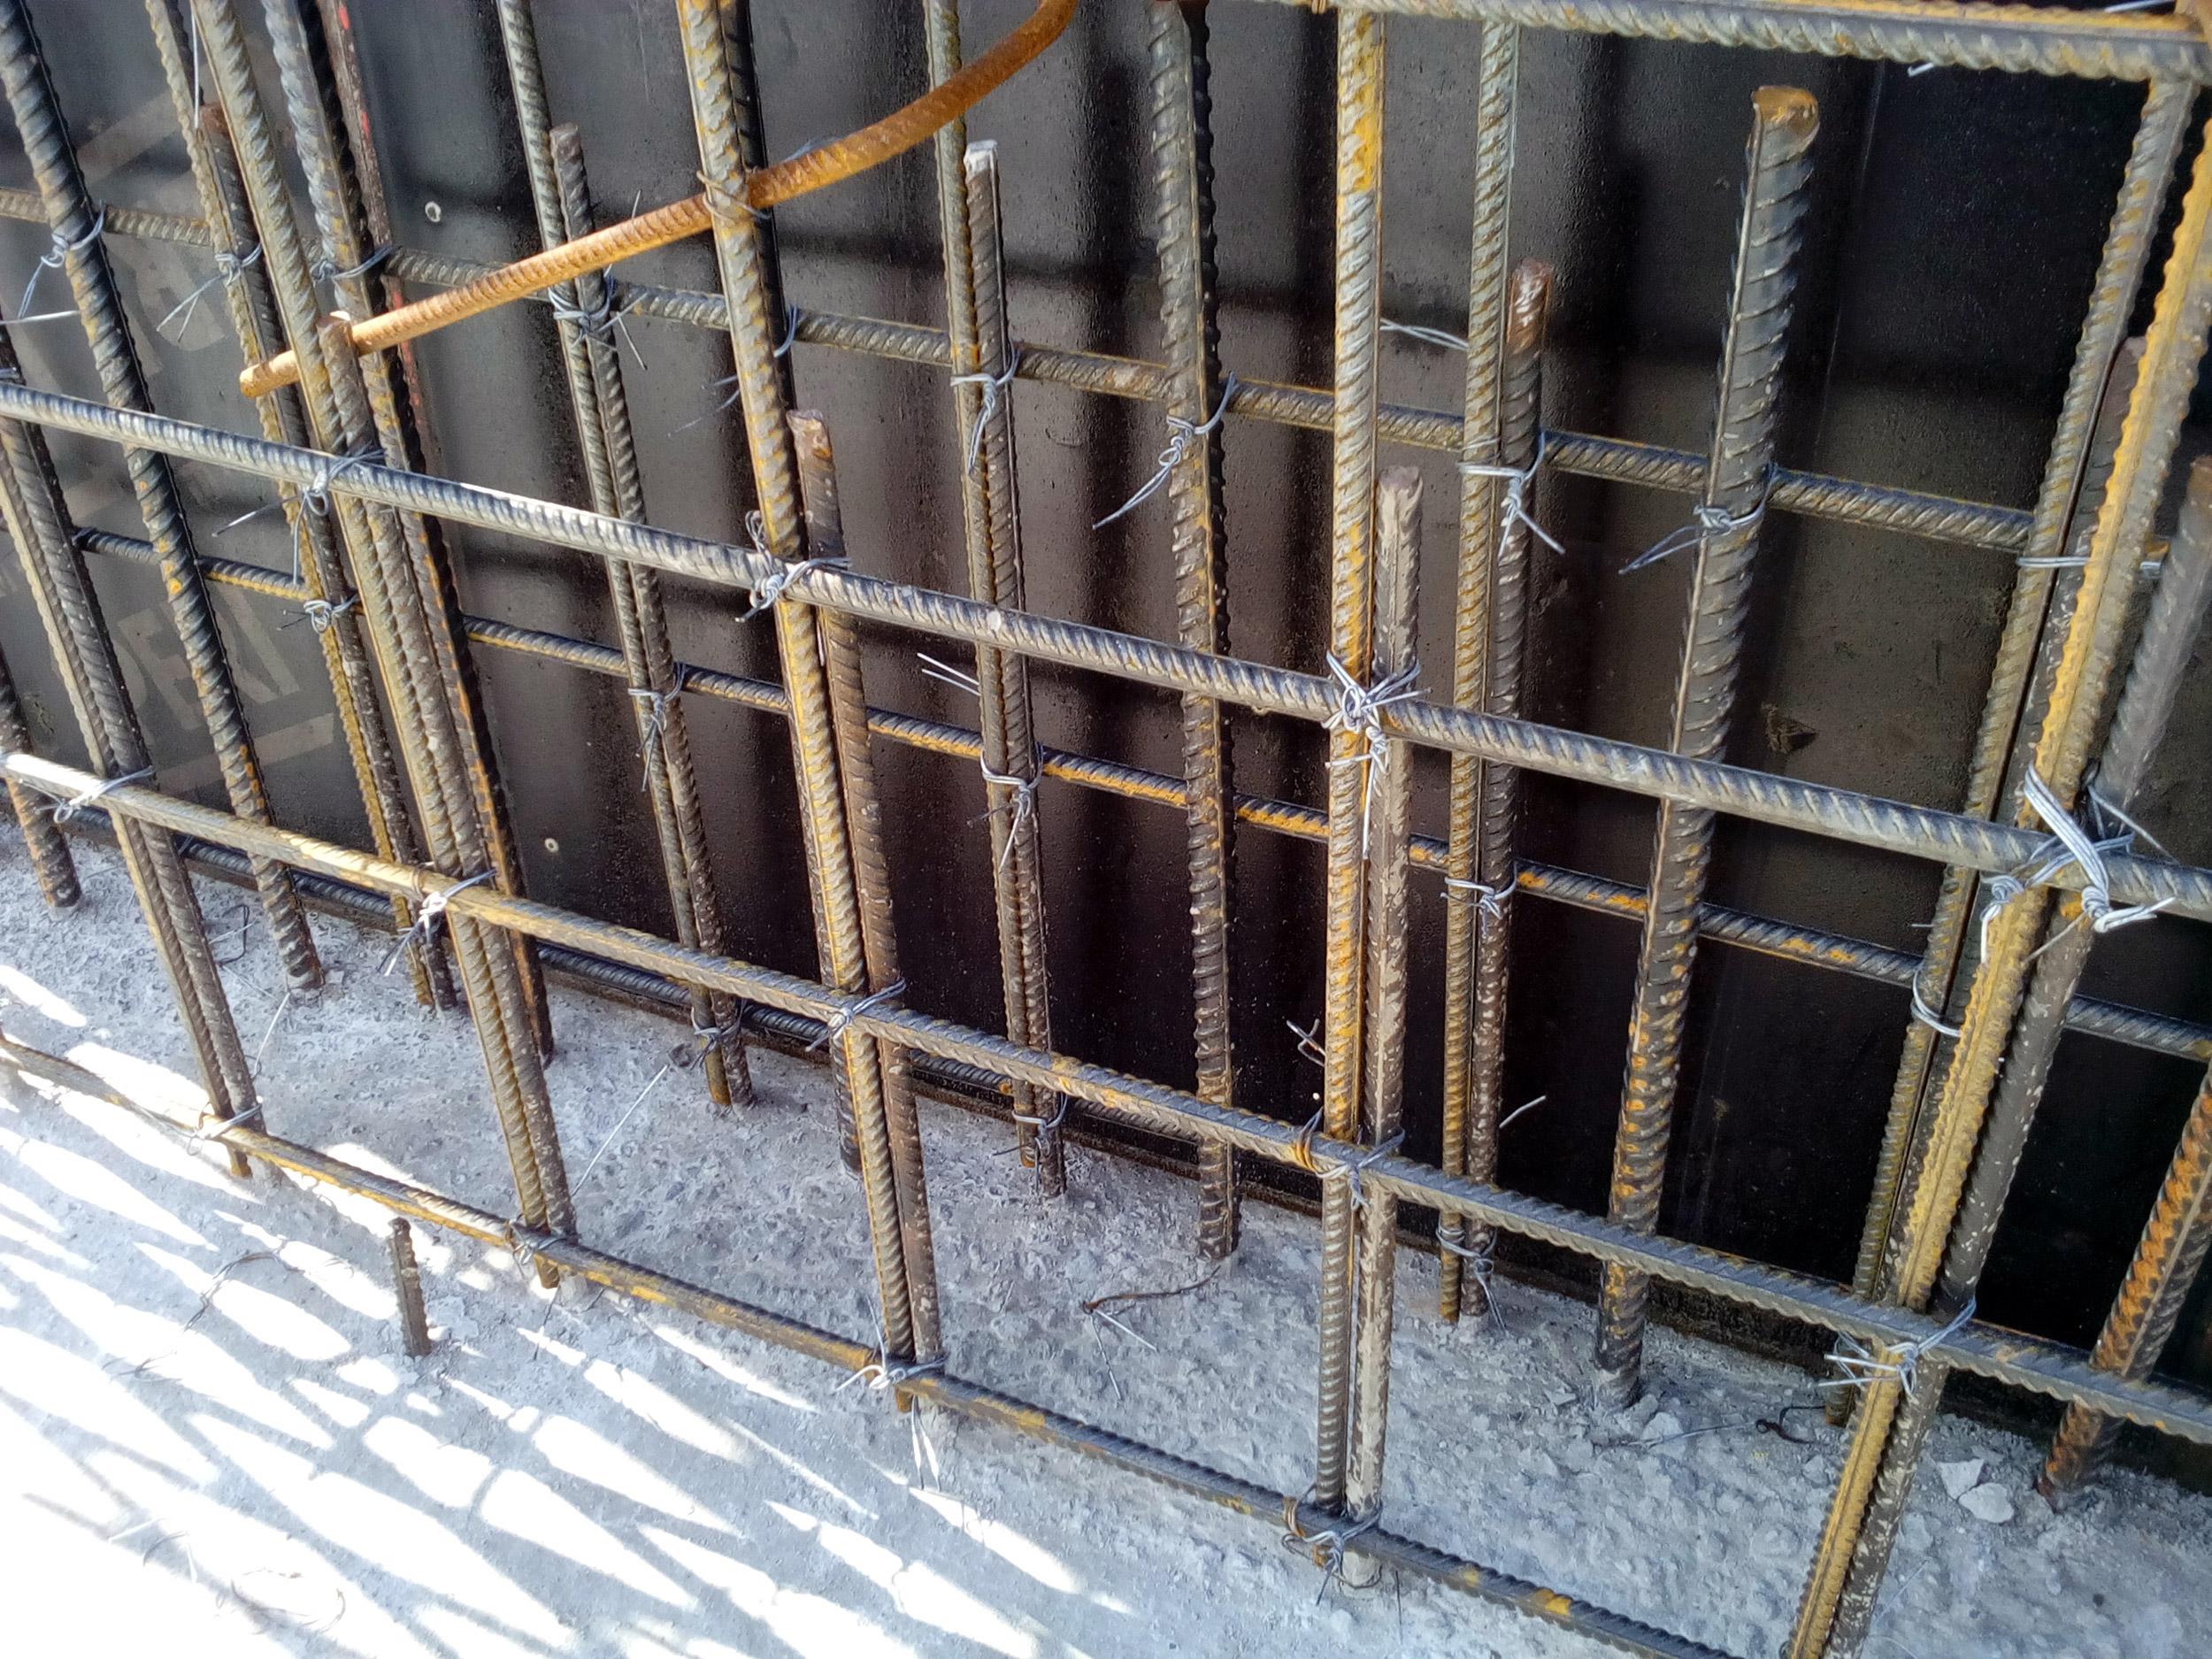 стыковка выпусков арматуры в бетонной стене